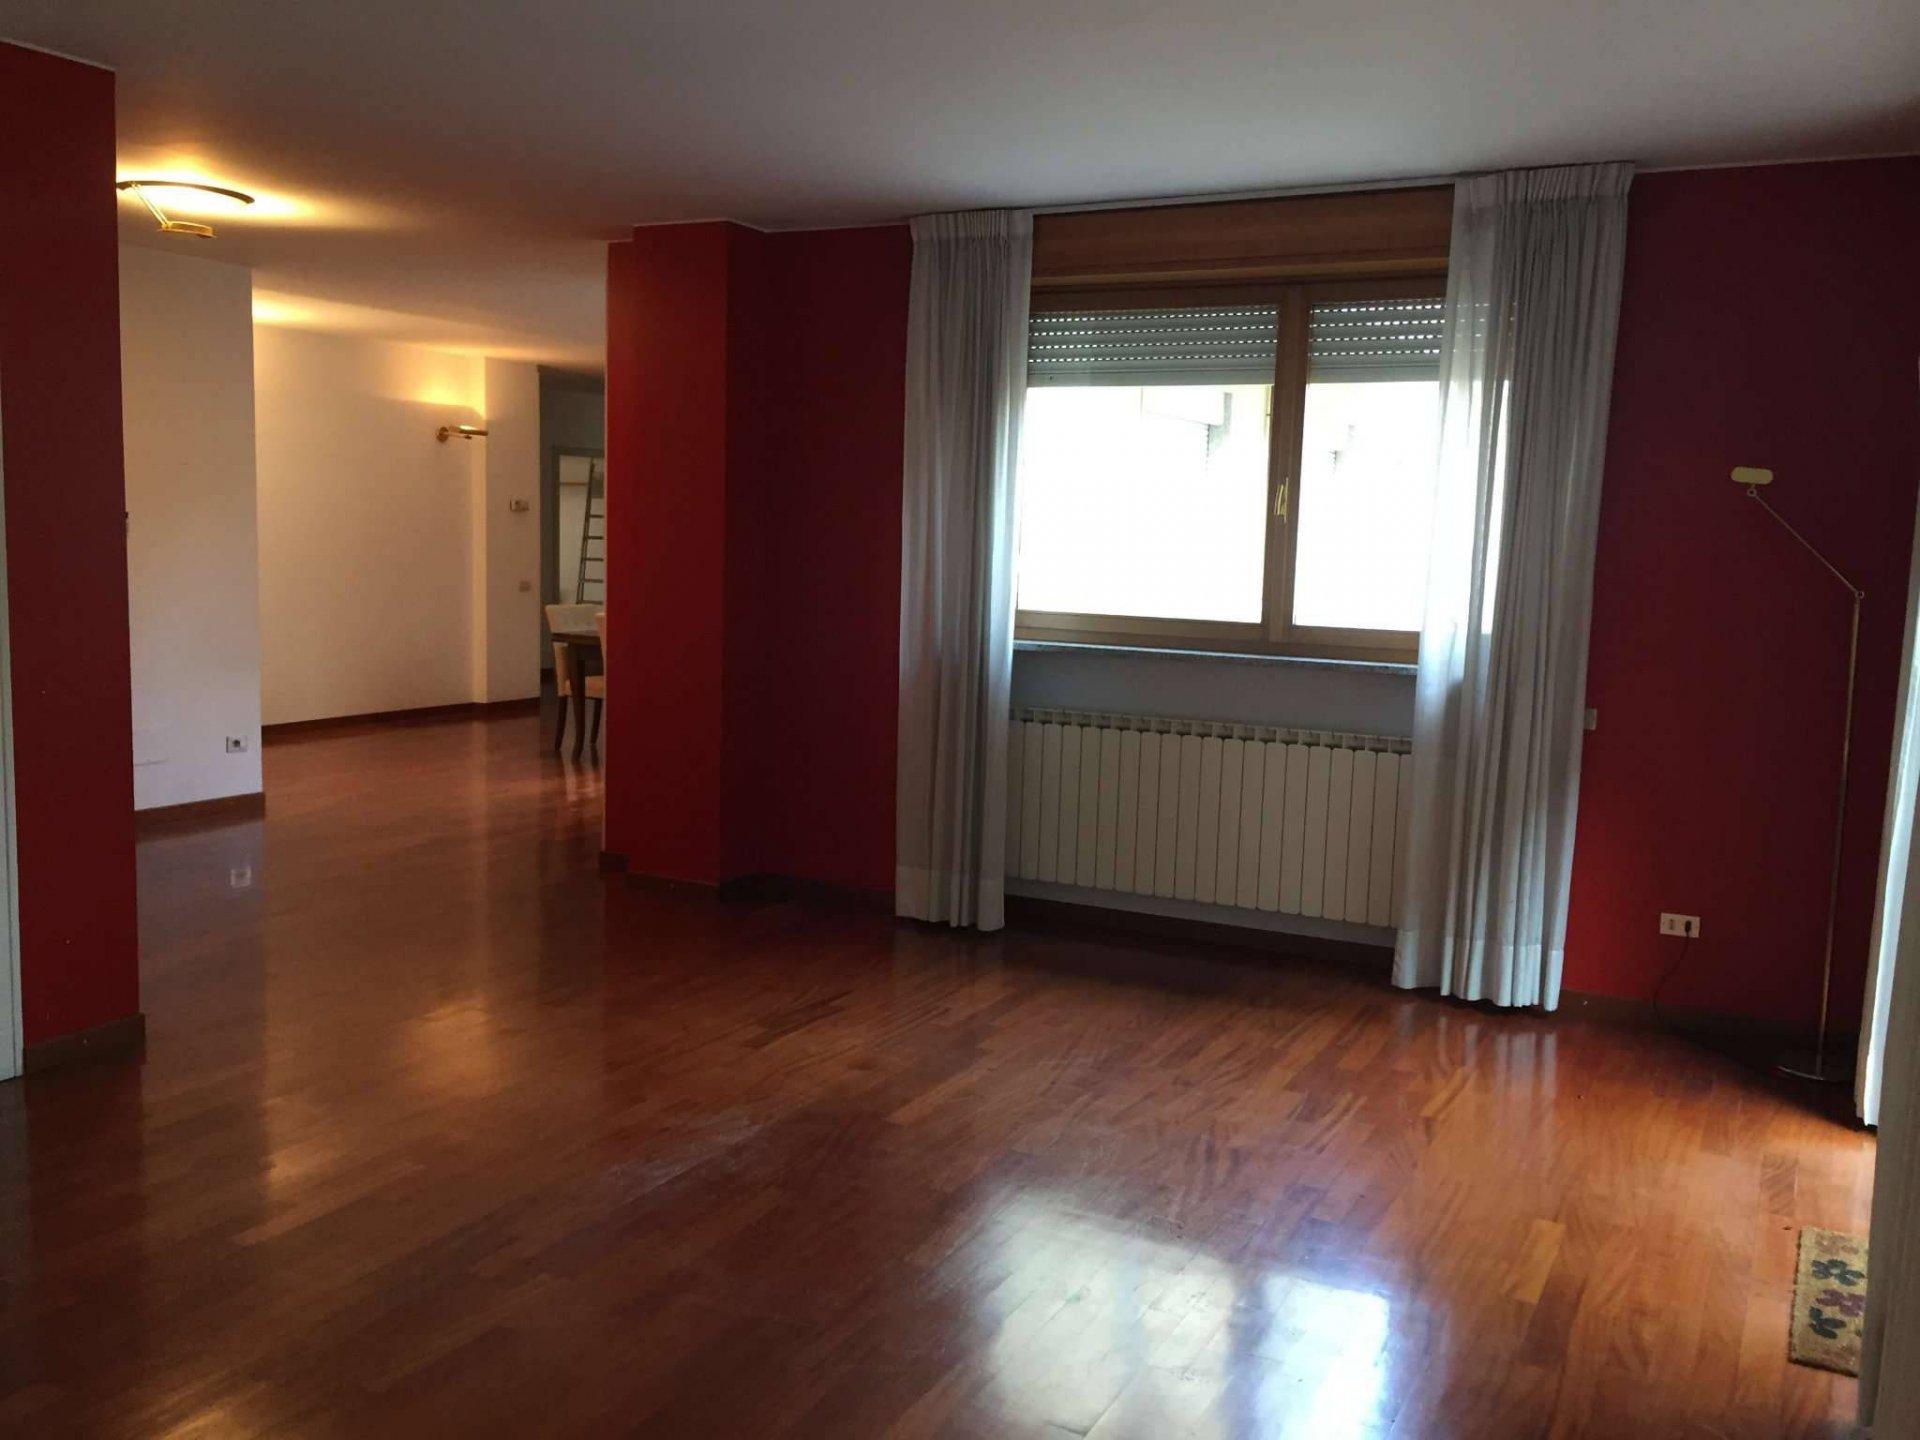 Signorile appartamento mq 200 con terrazzo.